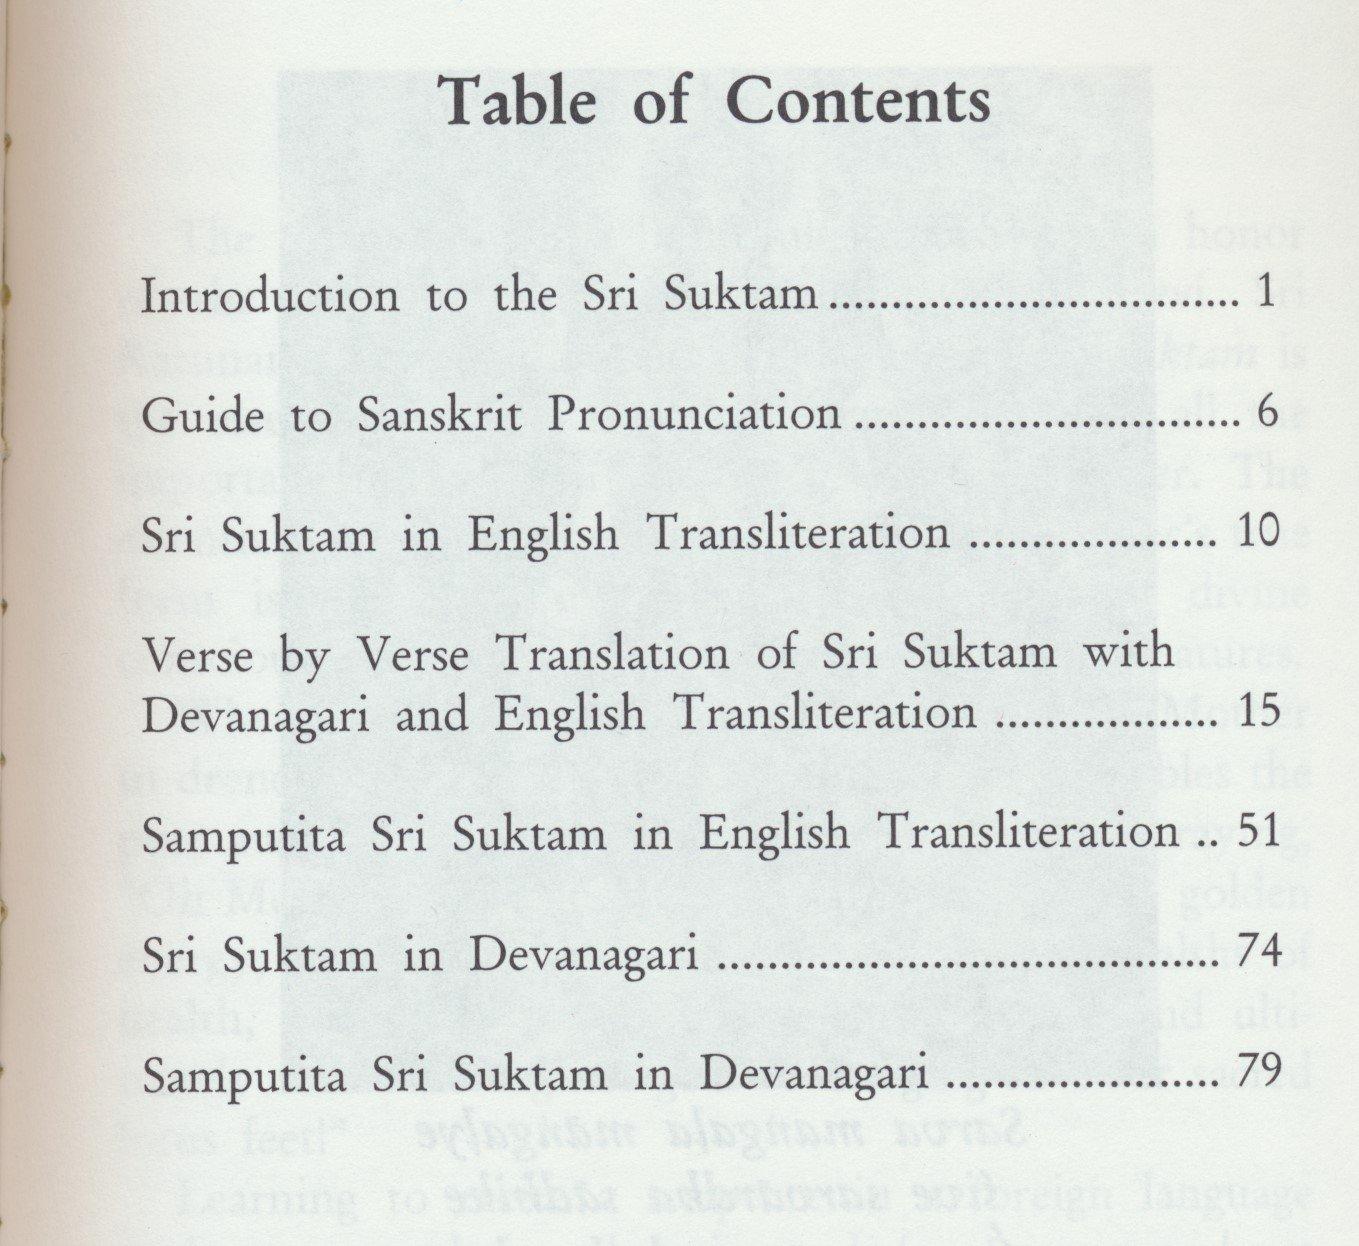 Sri suktam with samputia sri suktam (2006 English and Devanagari